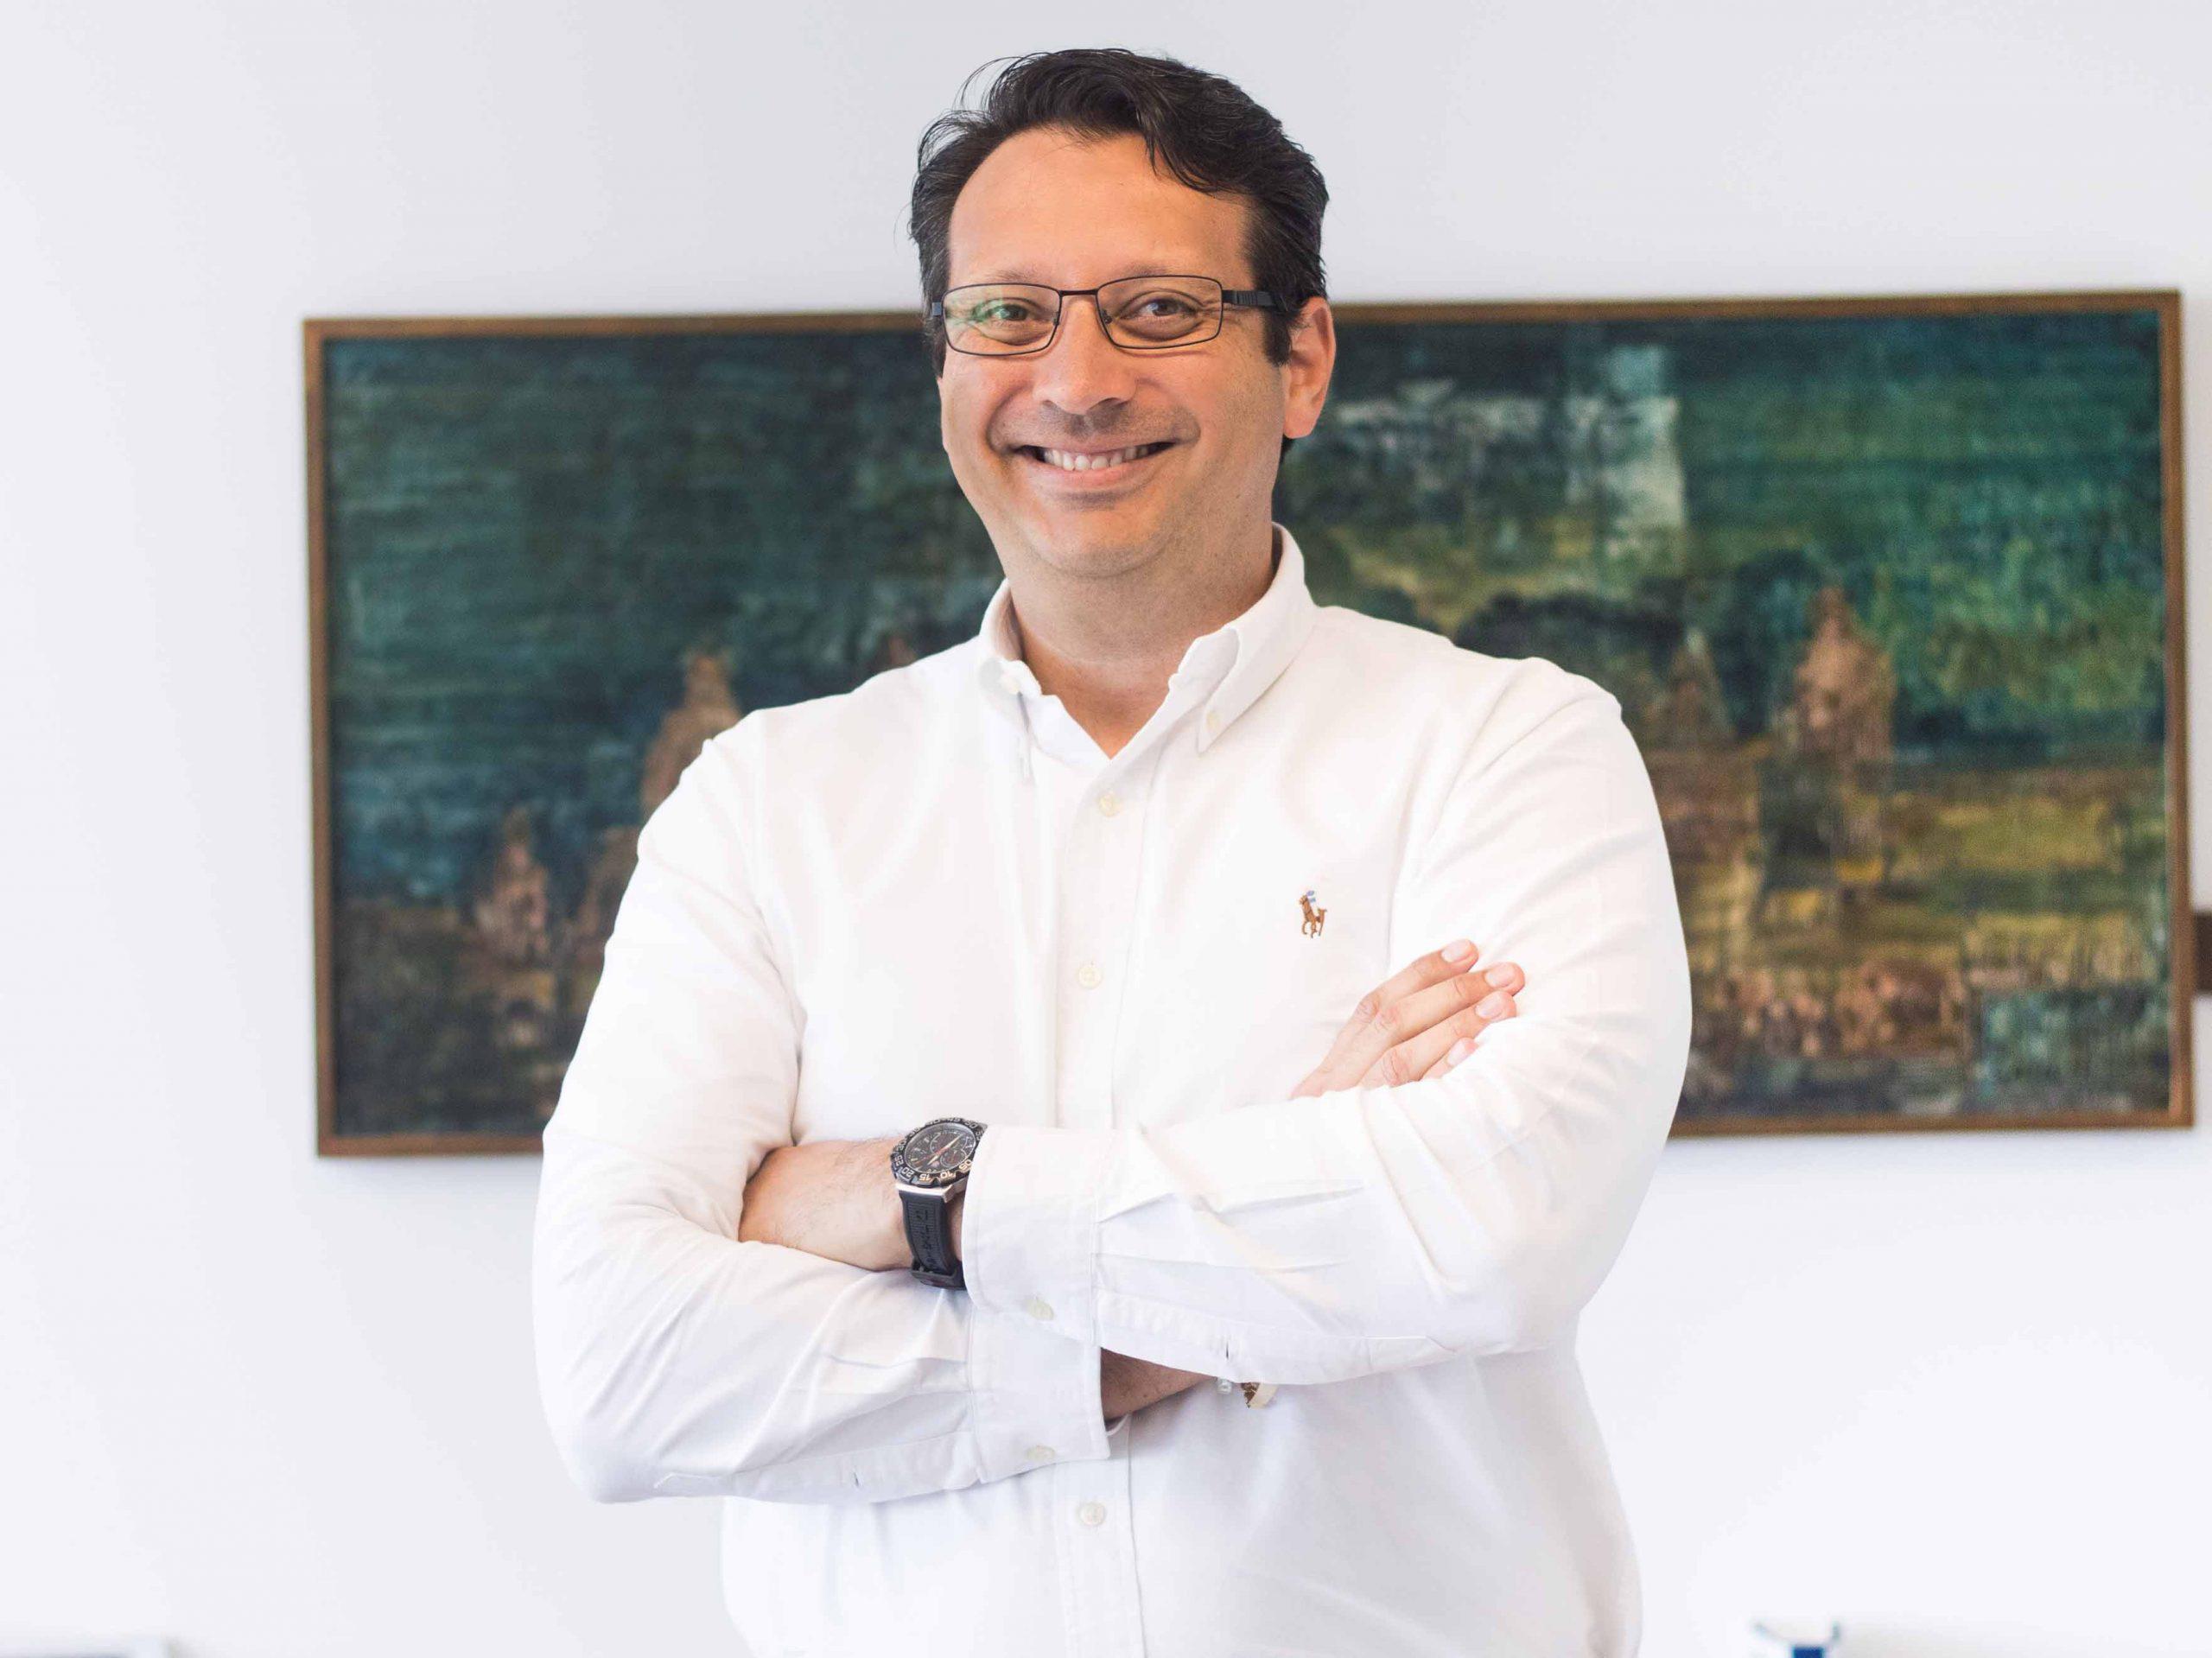 Luis_Ramos